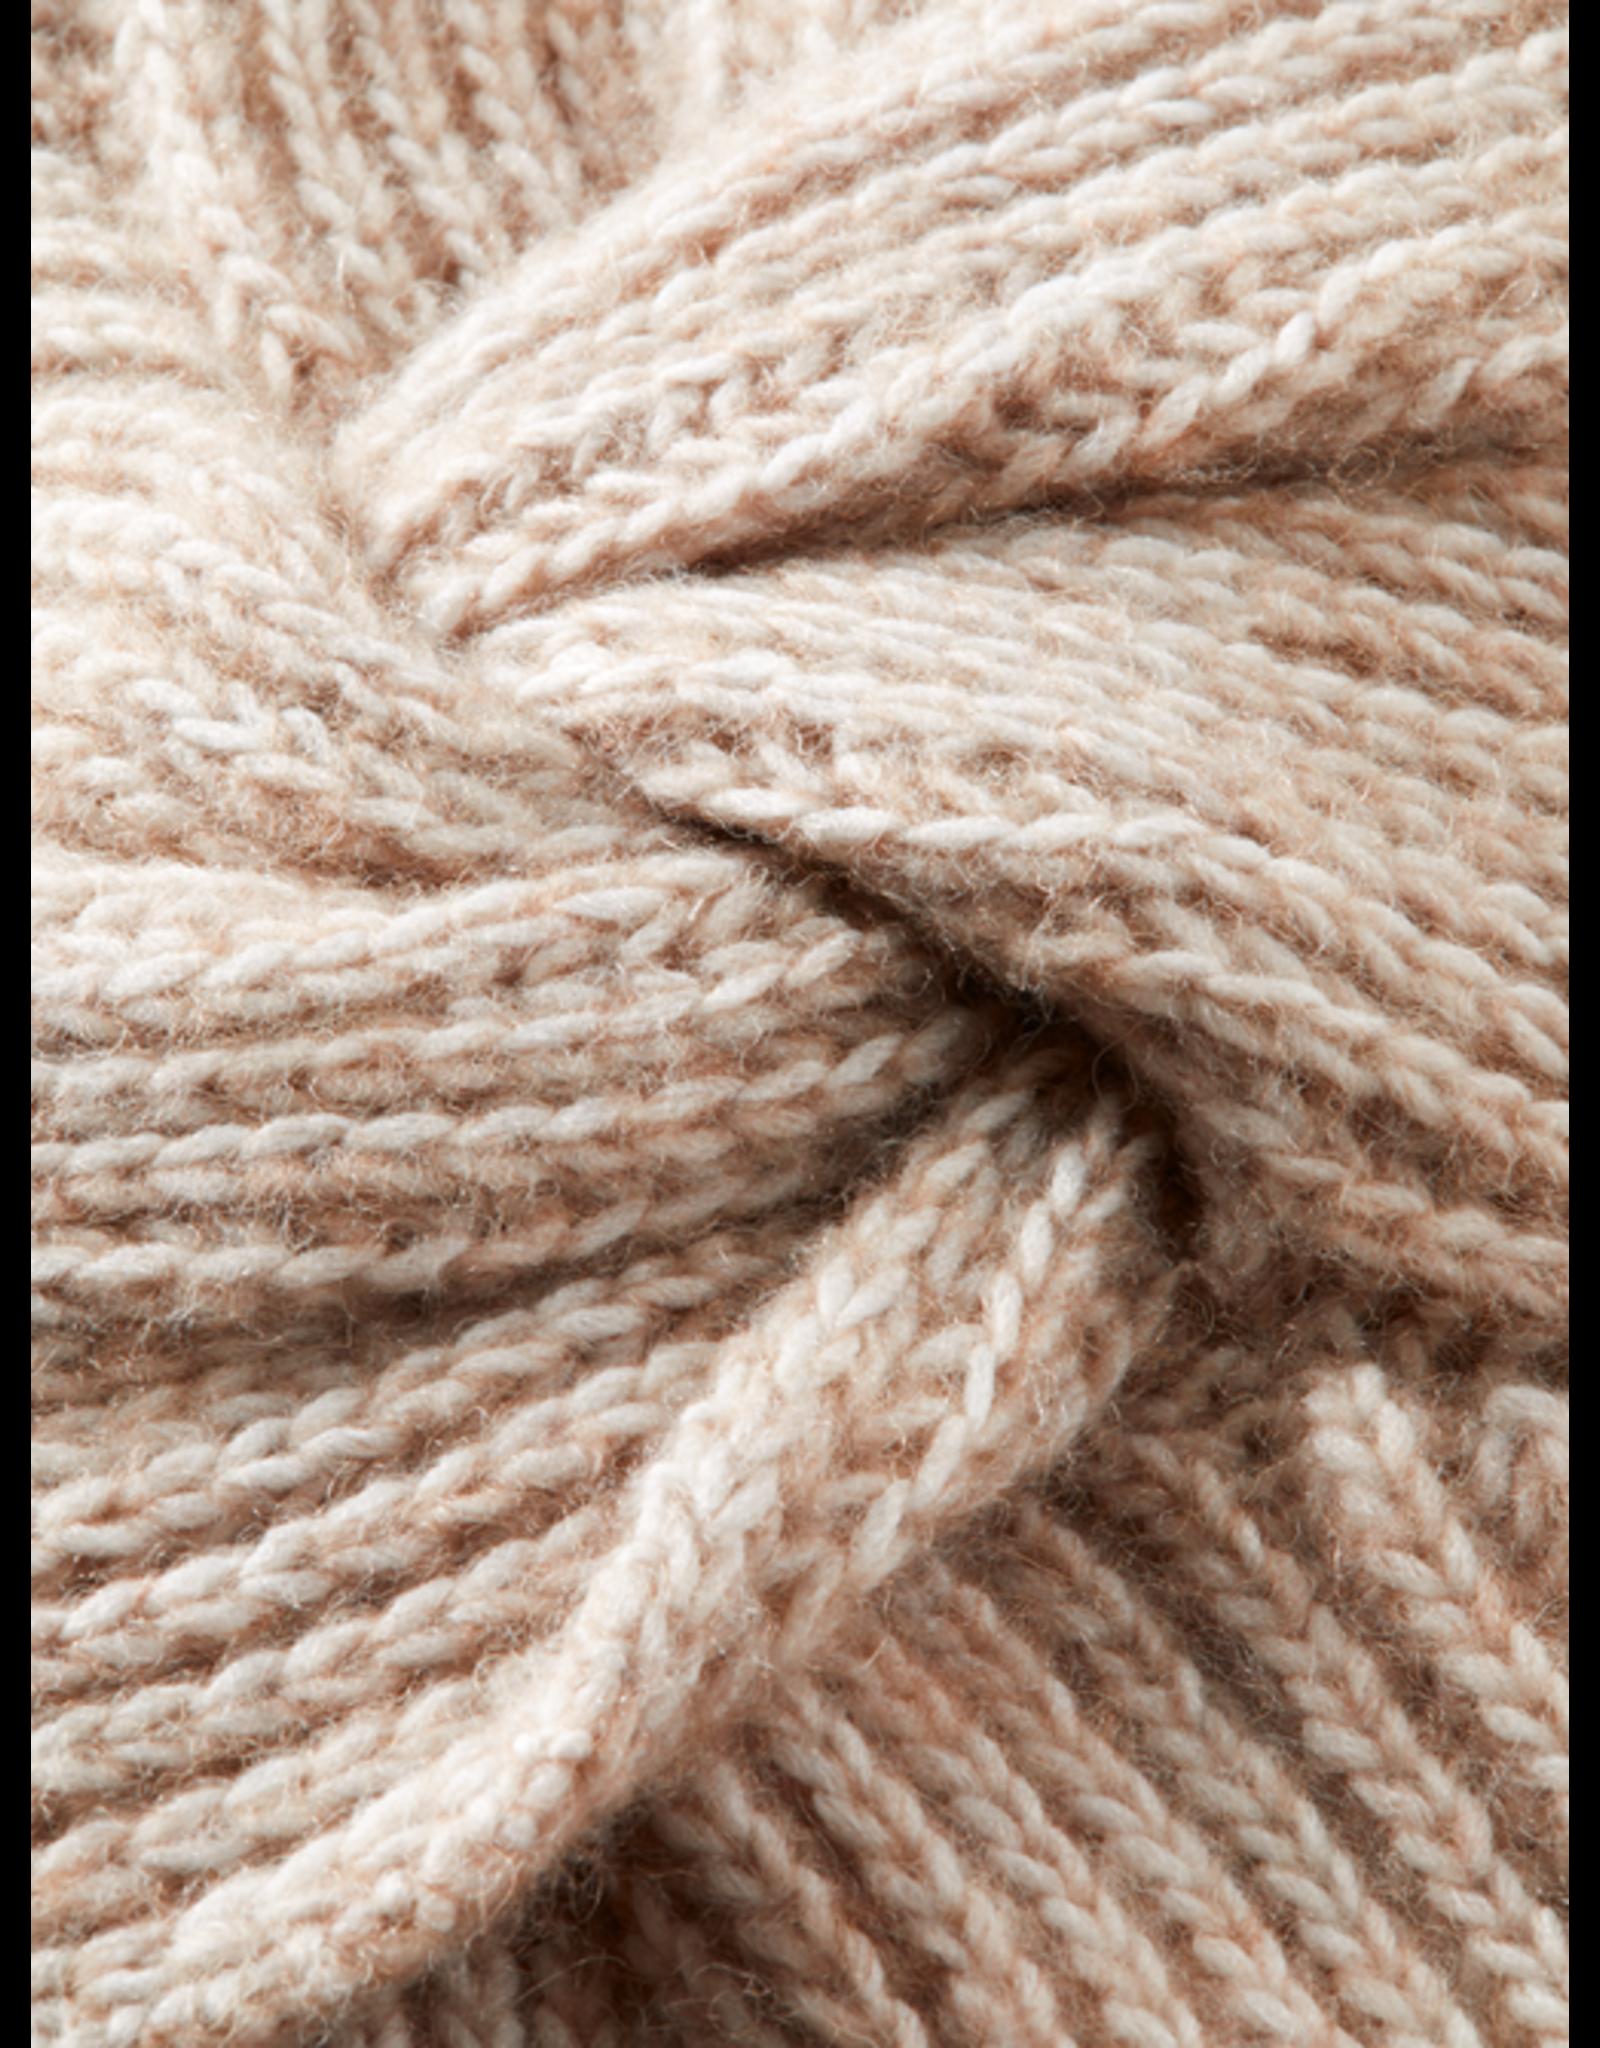 Scotch&Soda Scotch&Soda FW21 163061 knotted knit